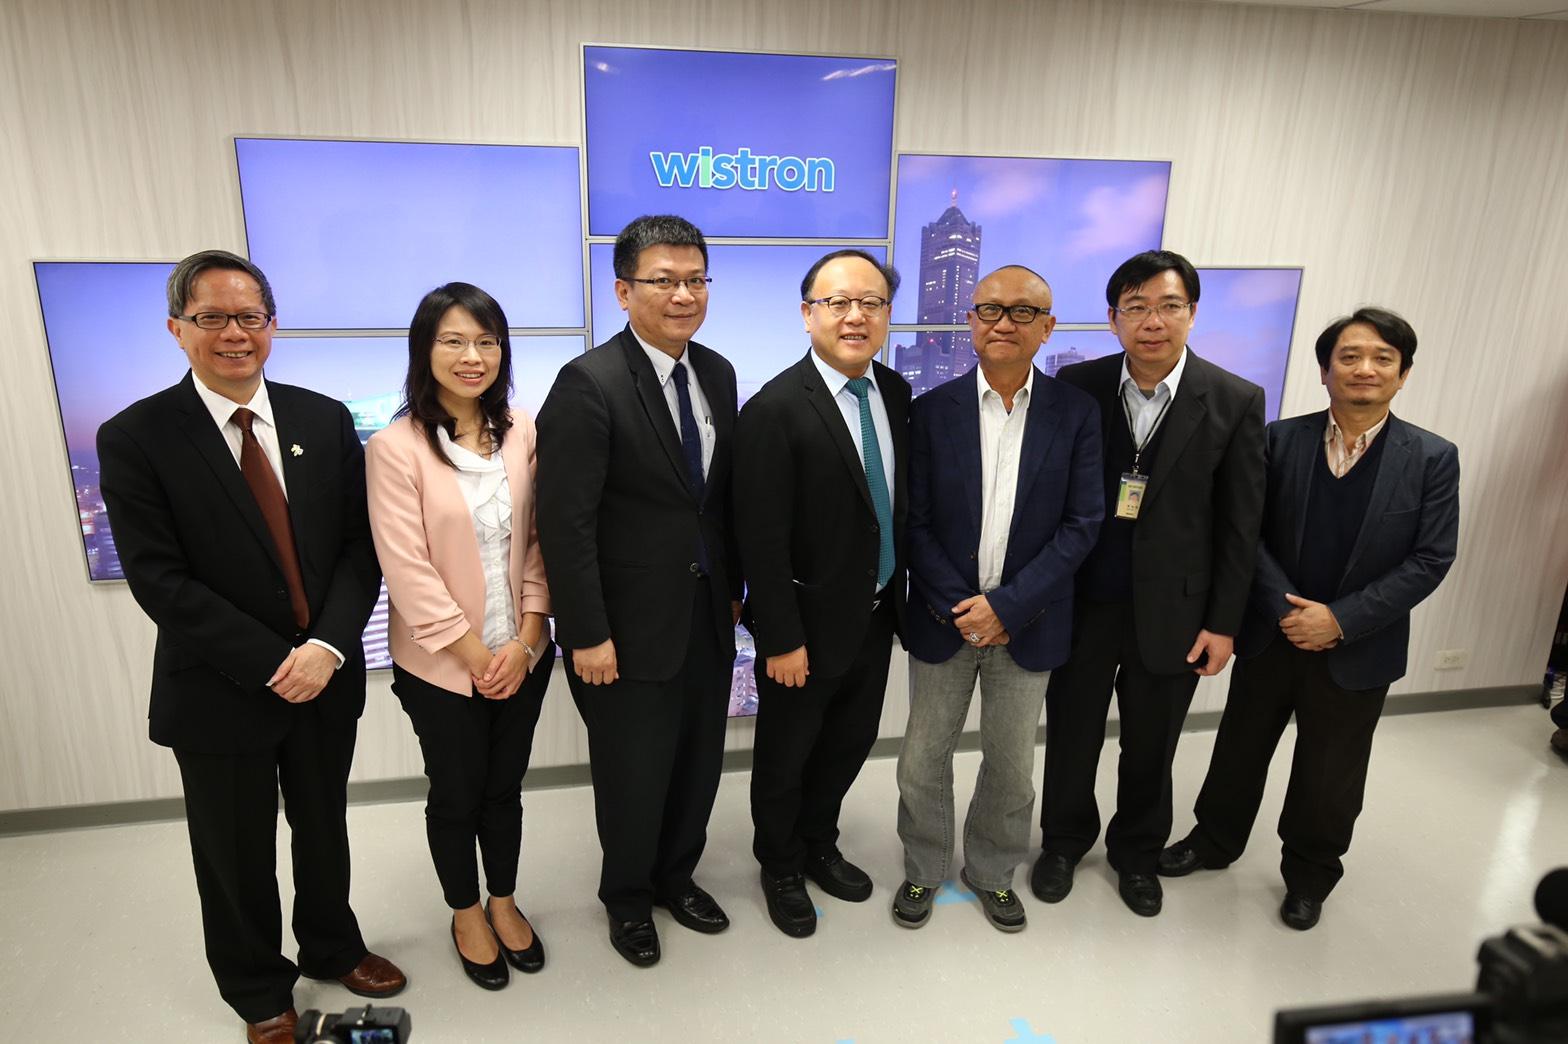 1070105 緯創資通高雄研發中心第二辦公室正式揭幕2